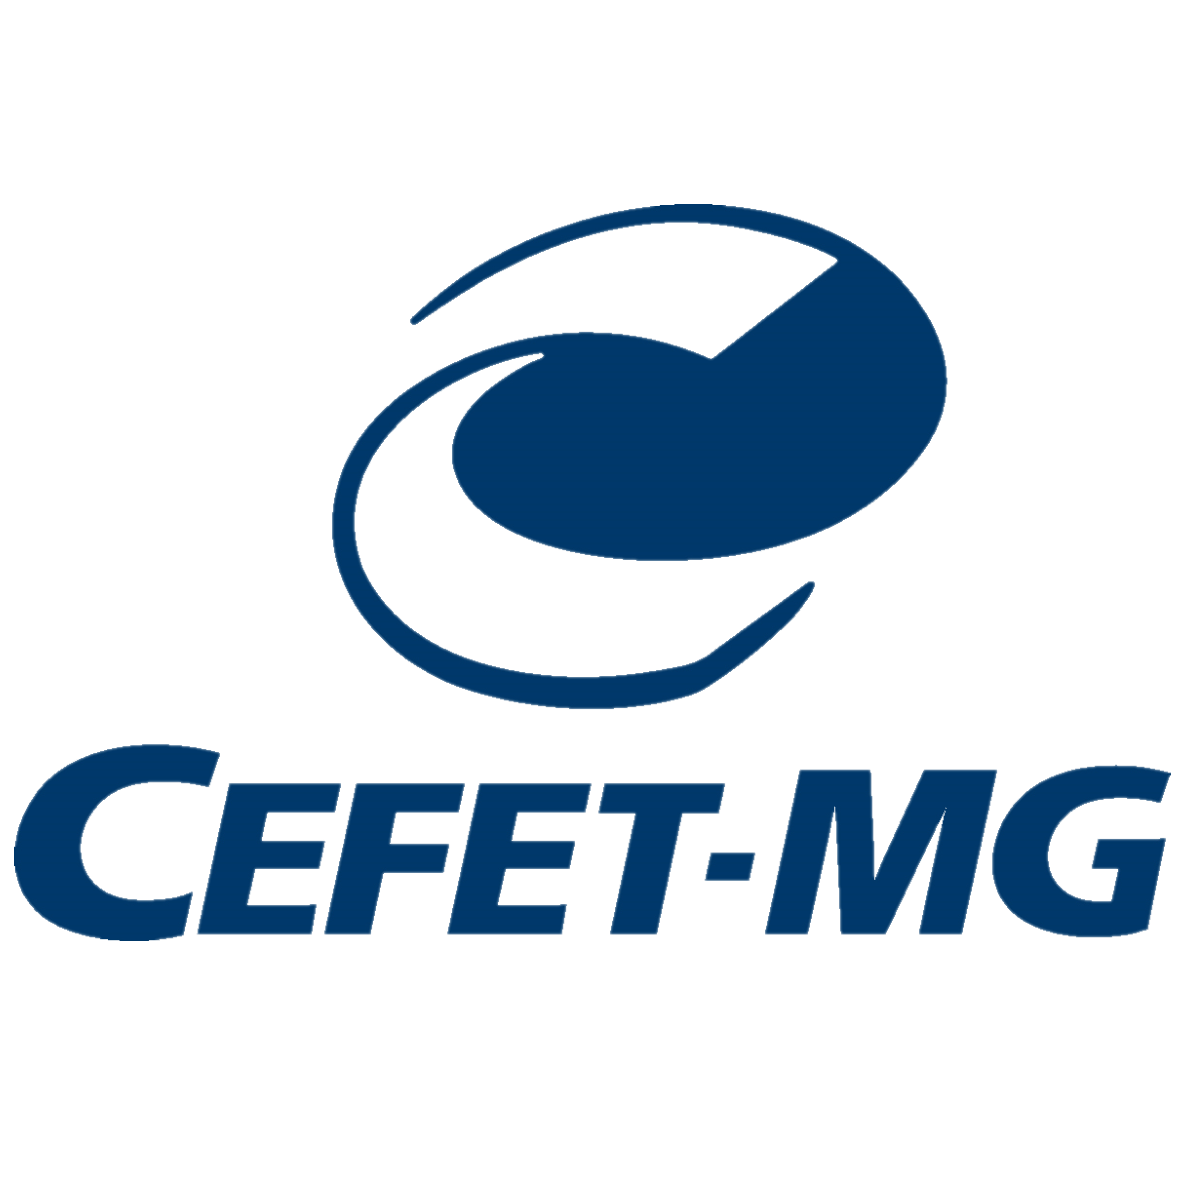 Cefet MG